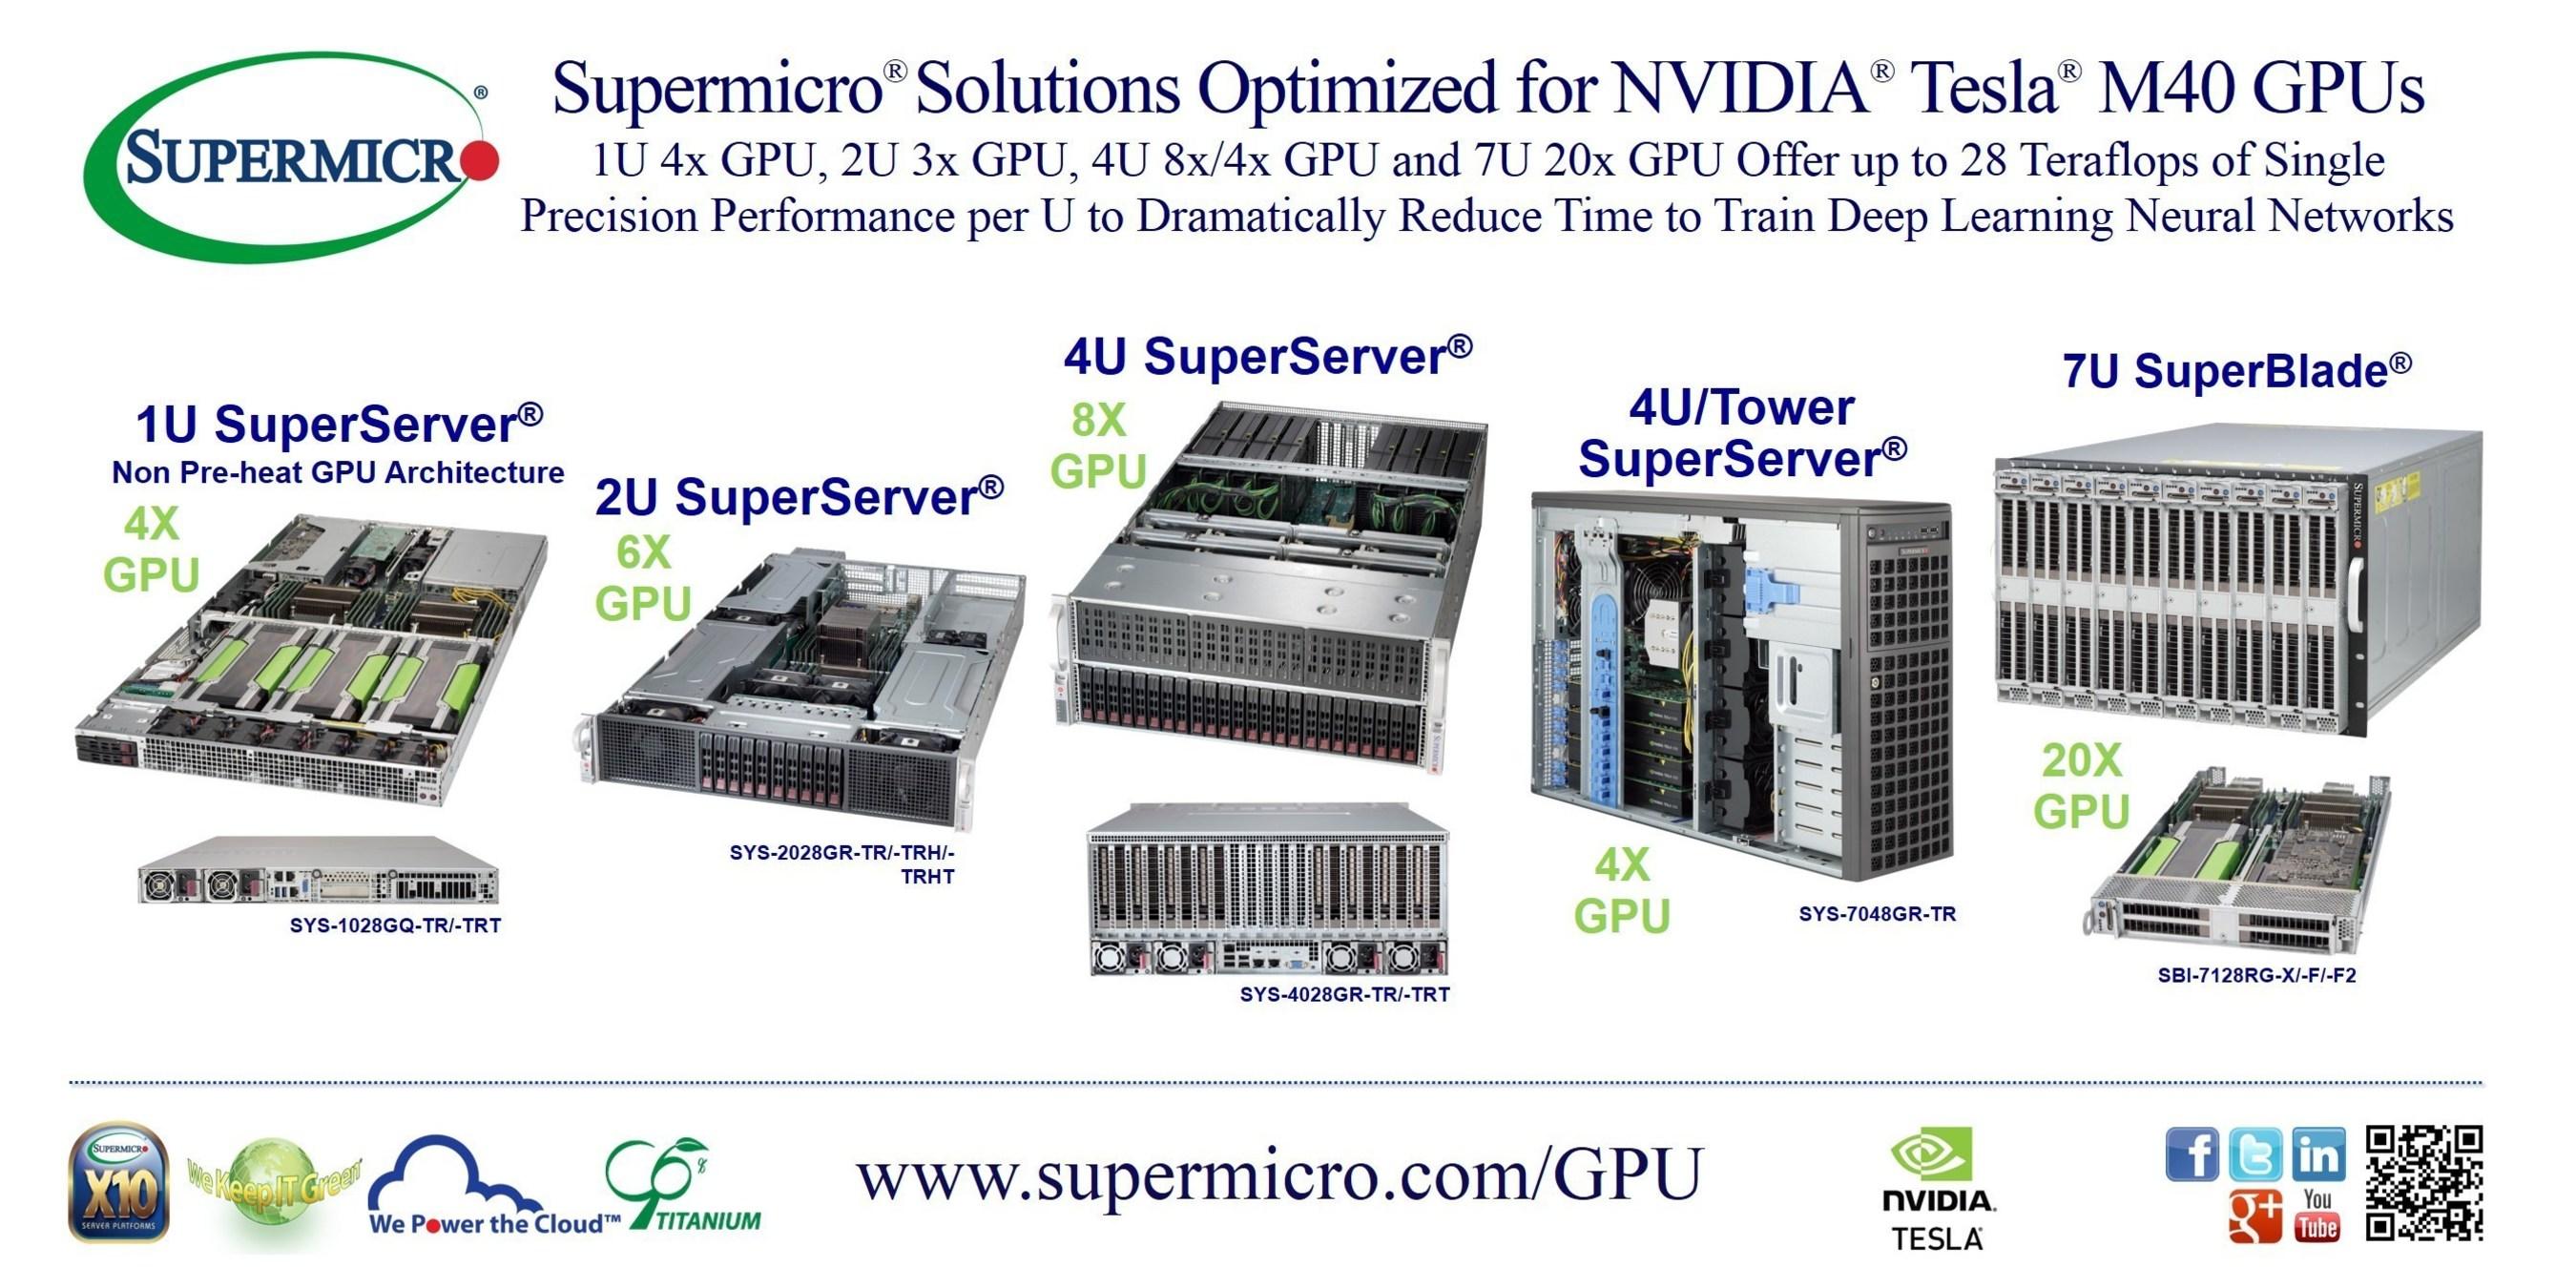 SuperServer Supermicro® 1U-4U GPU e 7U SuperBlade® ottengono il massimo per densità di calcolo e